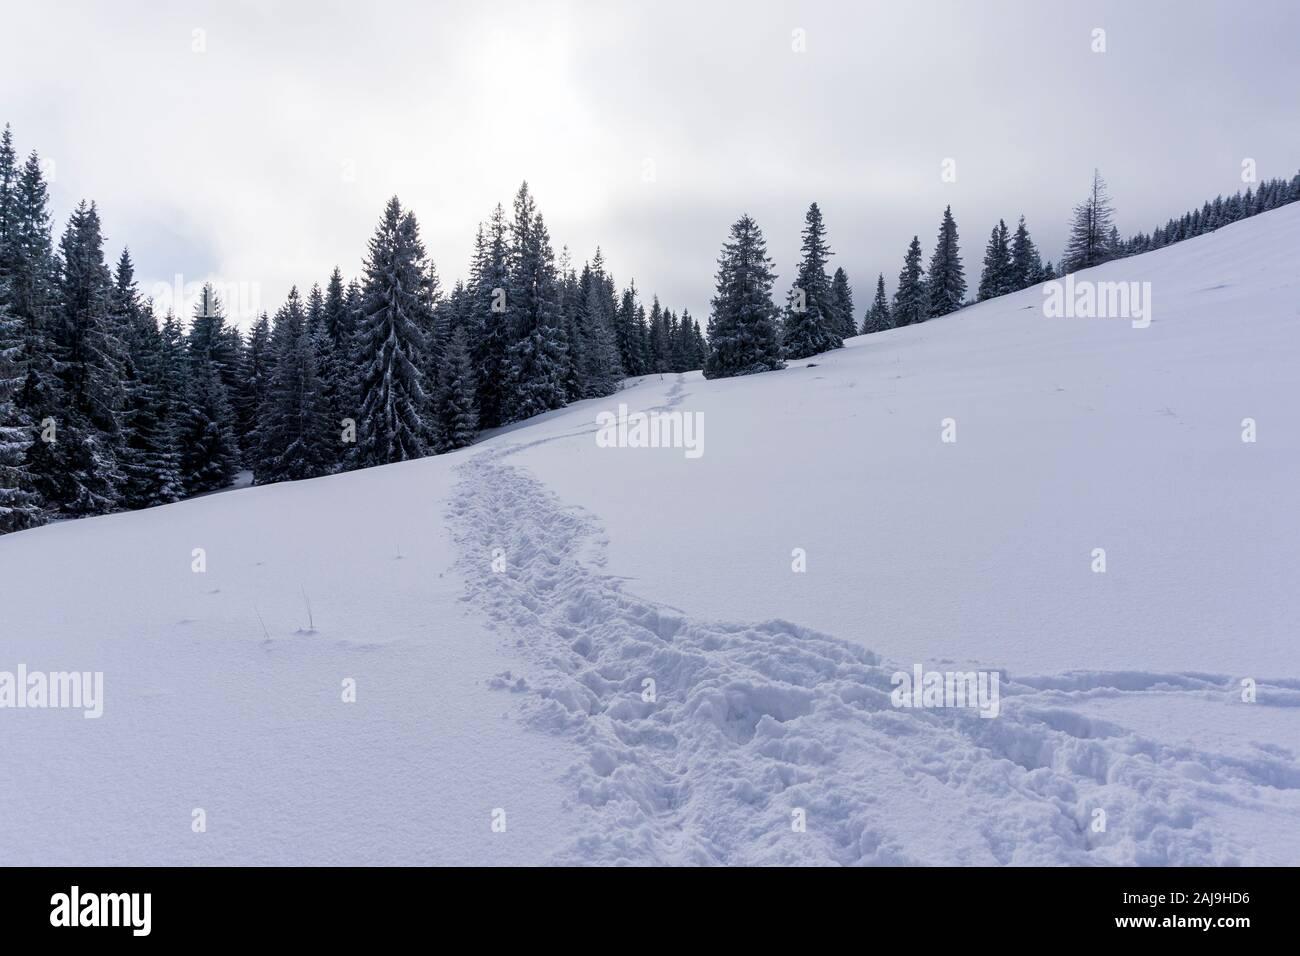 Sentier d'hiver dans la neige. Rusinowa Glade. Les montagnes de Tatra. Banque D'Images